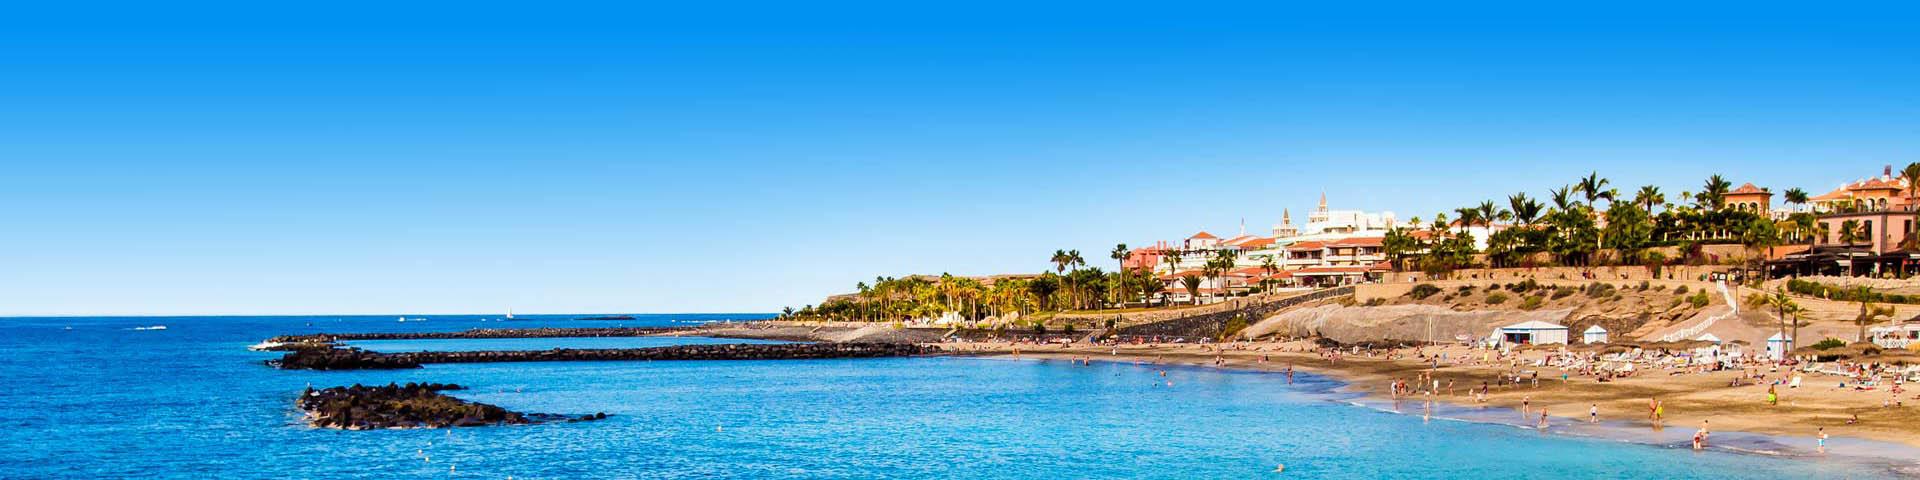 Kustlijn op het eiland Tenerife met hotels aan zee